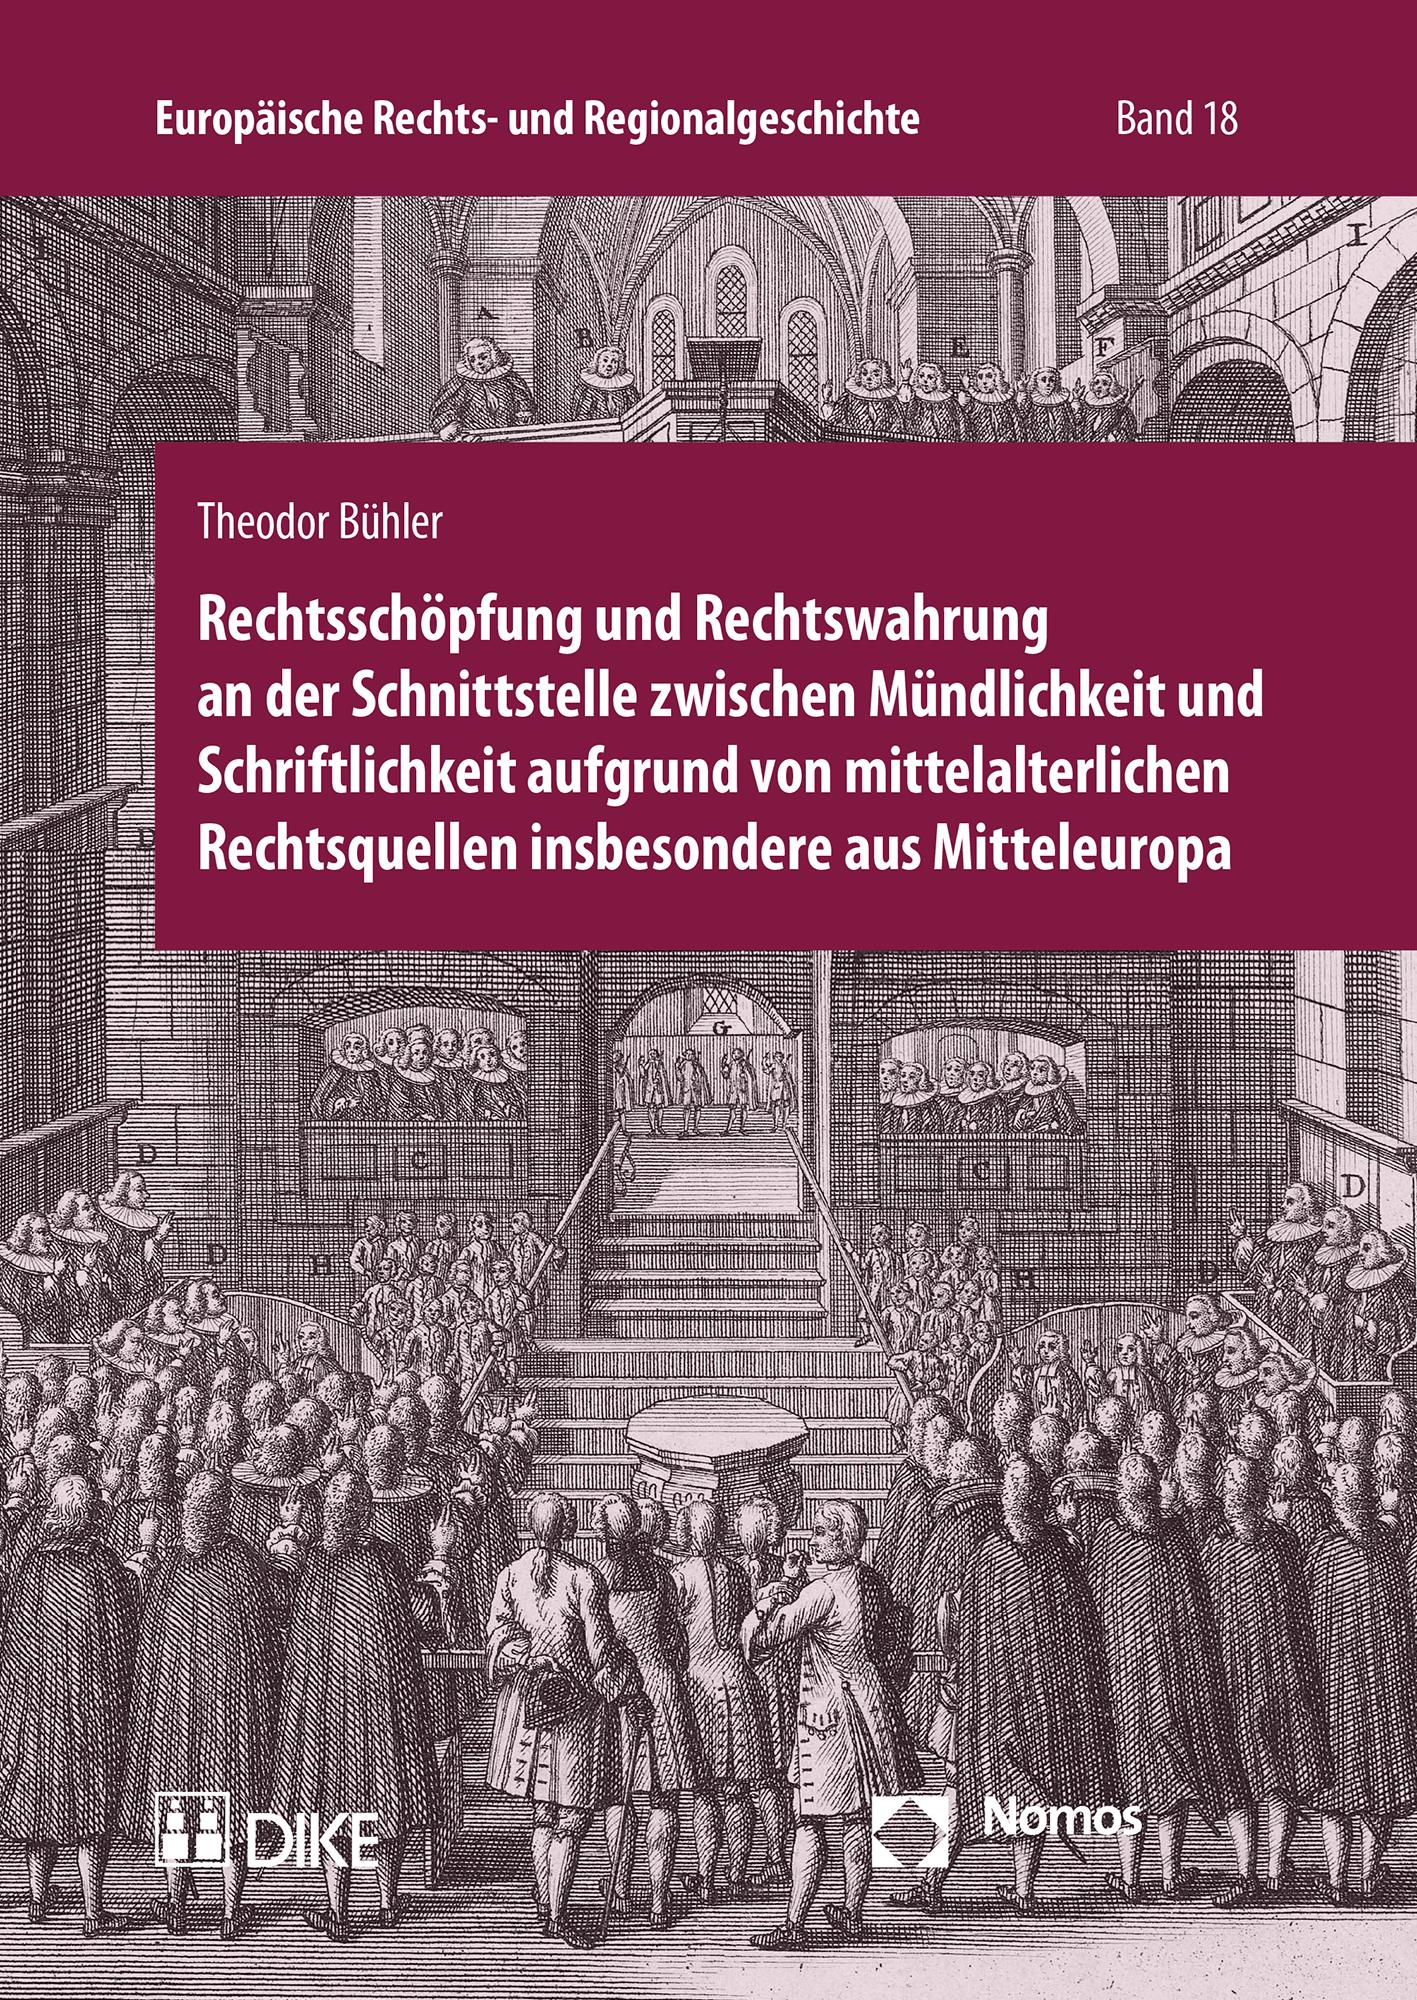 Rechtsschöpfung und Rechtswahrung an der Schnittstelle zwischen Mündlichkeit und Schriftlichkeit aufgrund von mittelalterlichen Rechtsquellen insbesondere aus Mitteleuropa